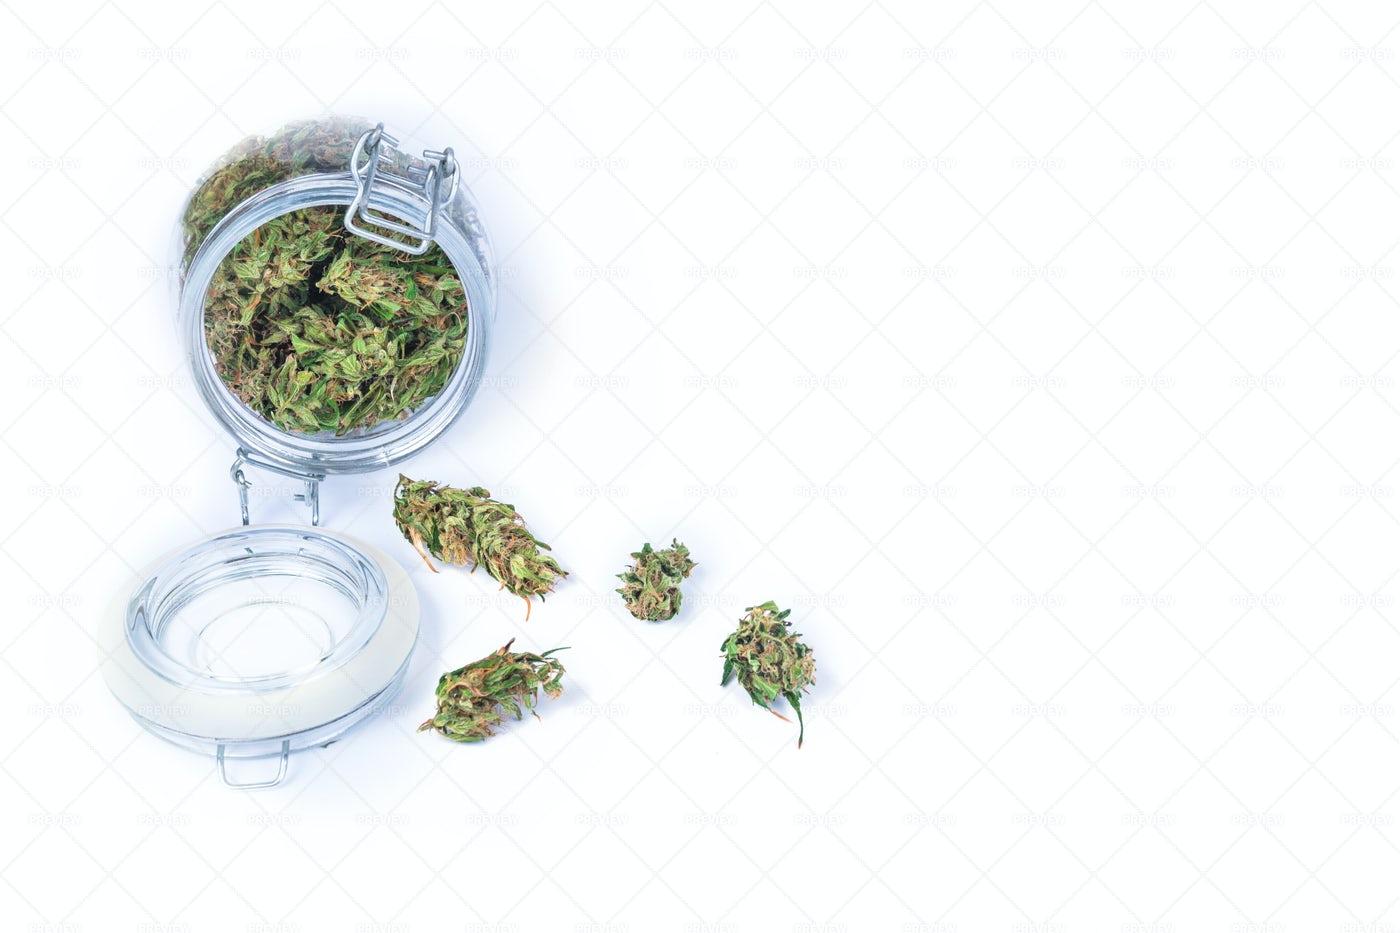 Cannabis Buds: Stock Photos